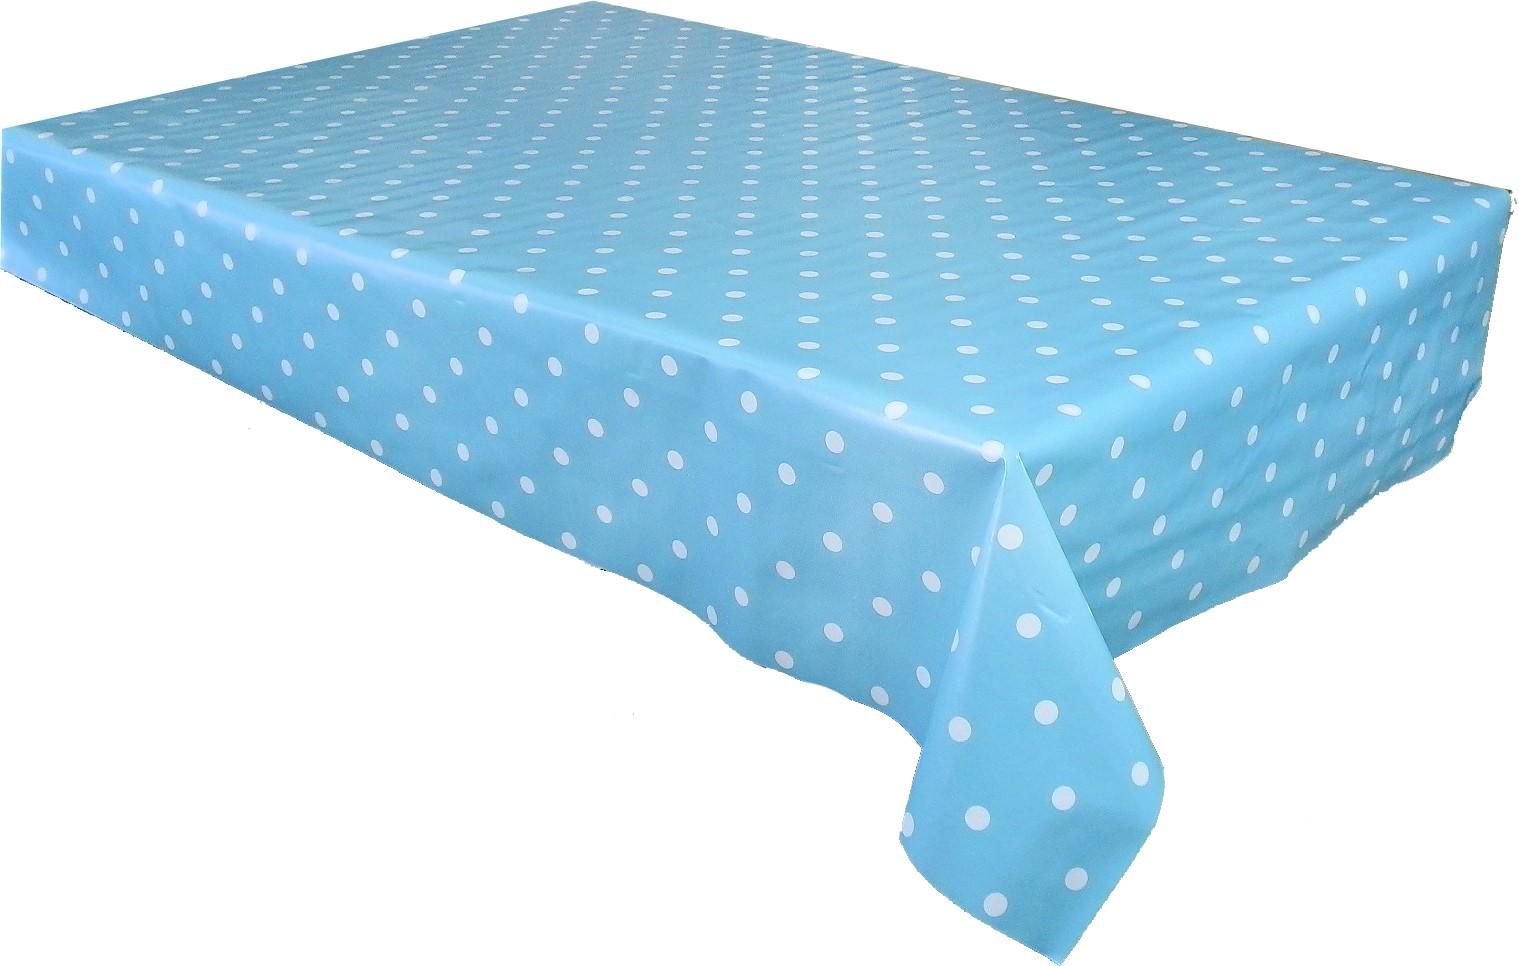 Duck Egg Polka Dot Vinyl Tablecloth Textile Backed Pvc